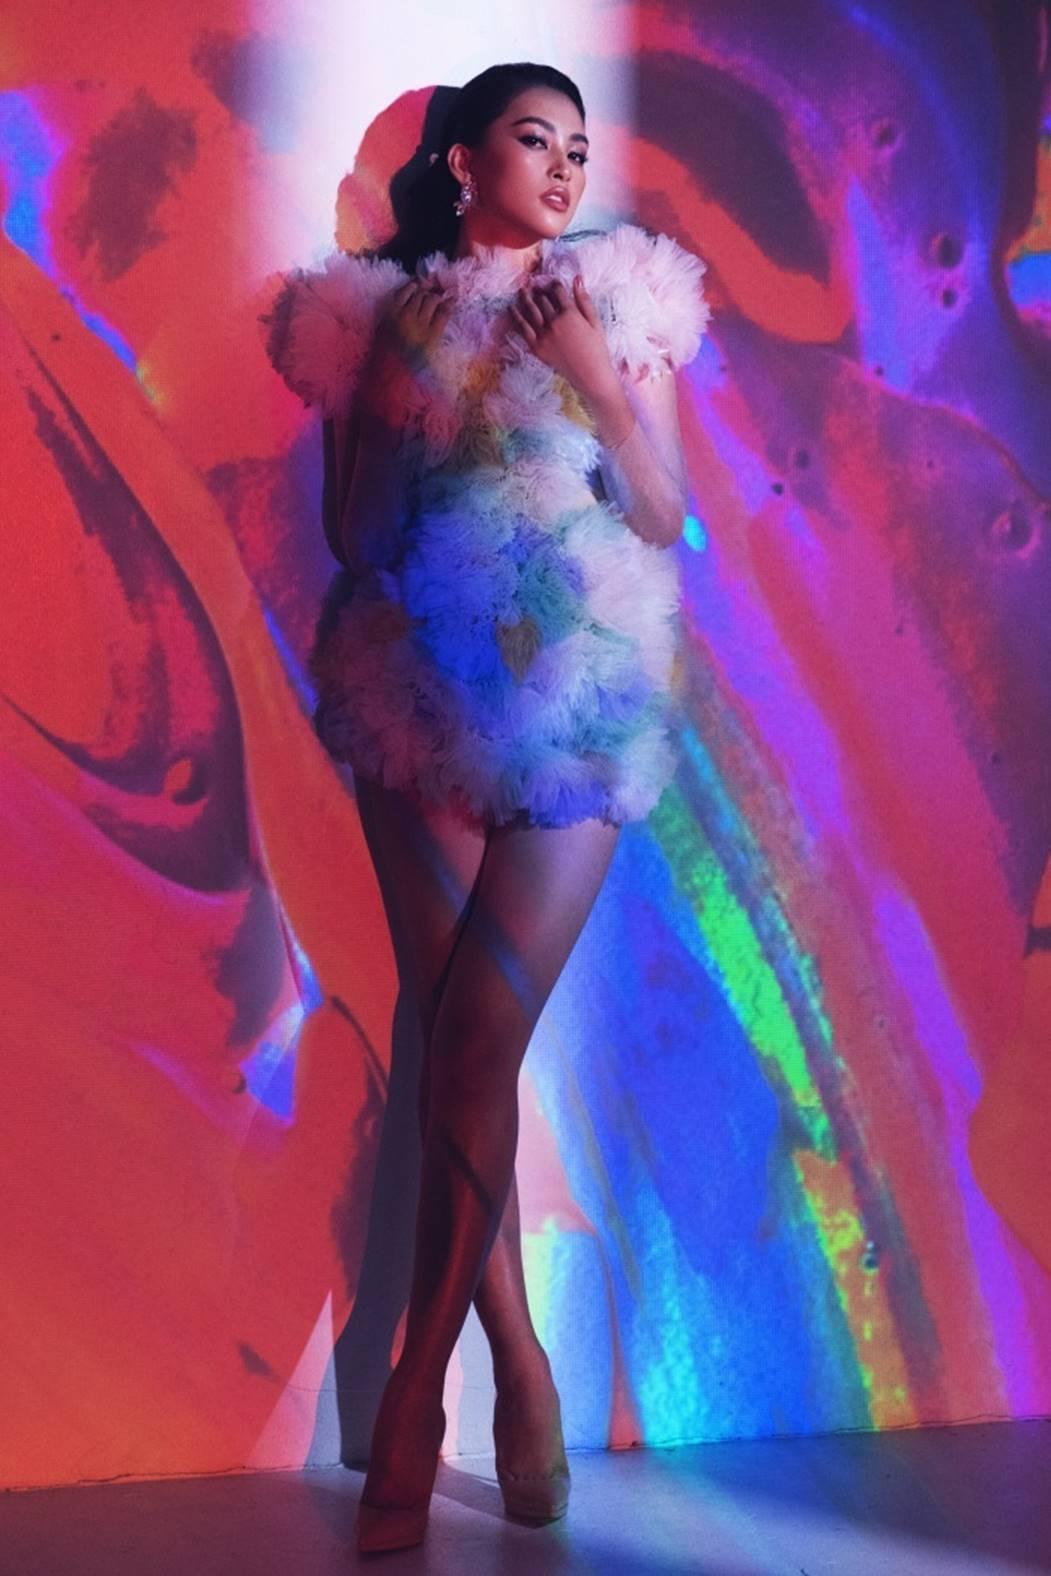 Đỗ Mỹ Linh, Tiểu Vy đẹp mê hoặc trong hình tượng nữ thần biển cả-9